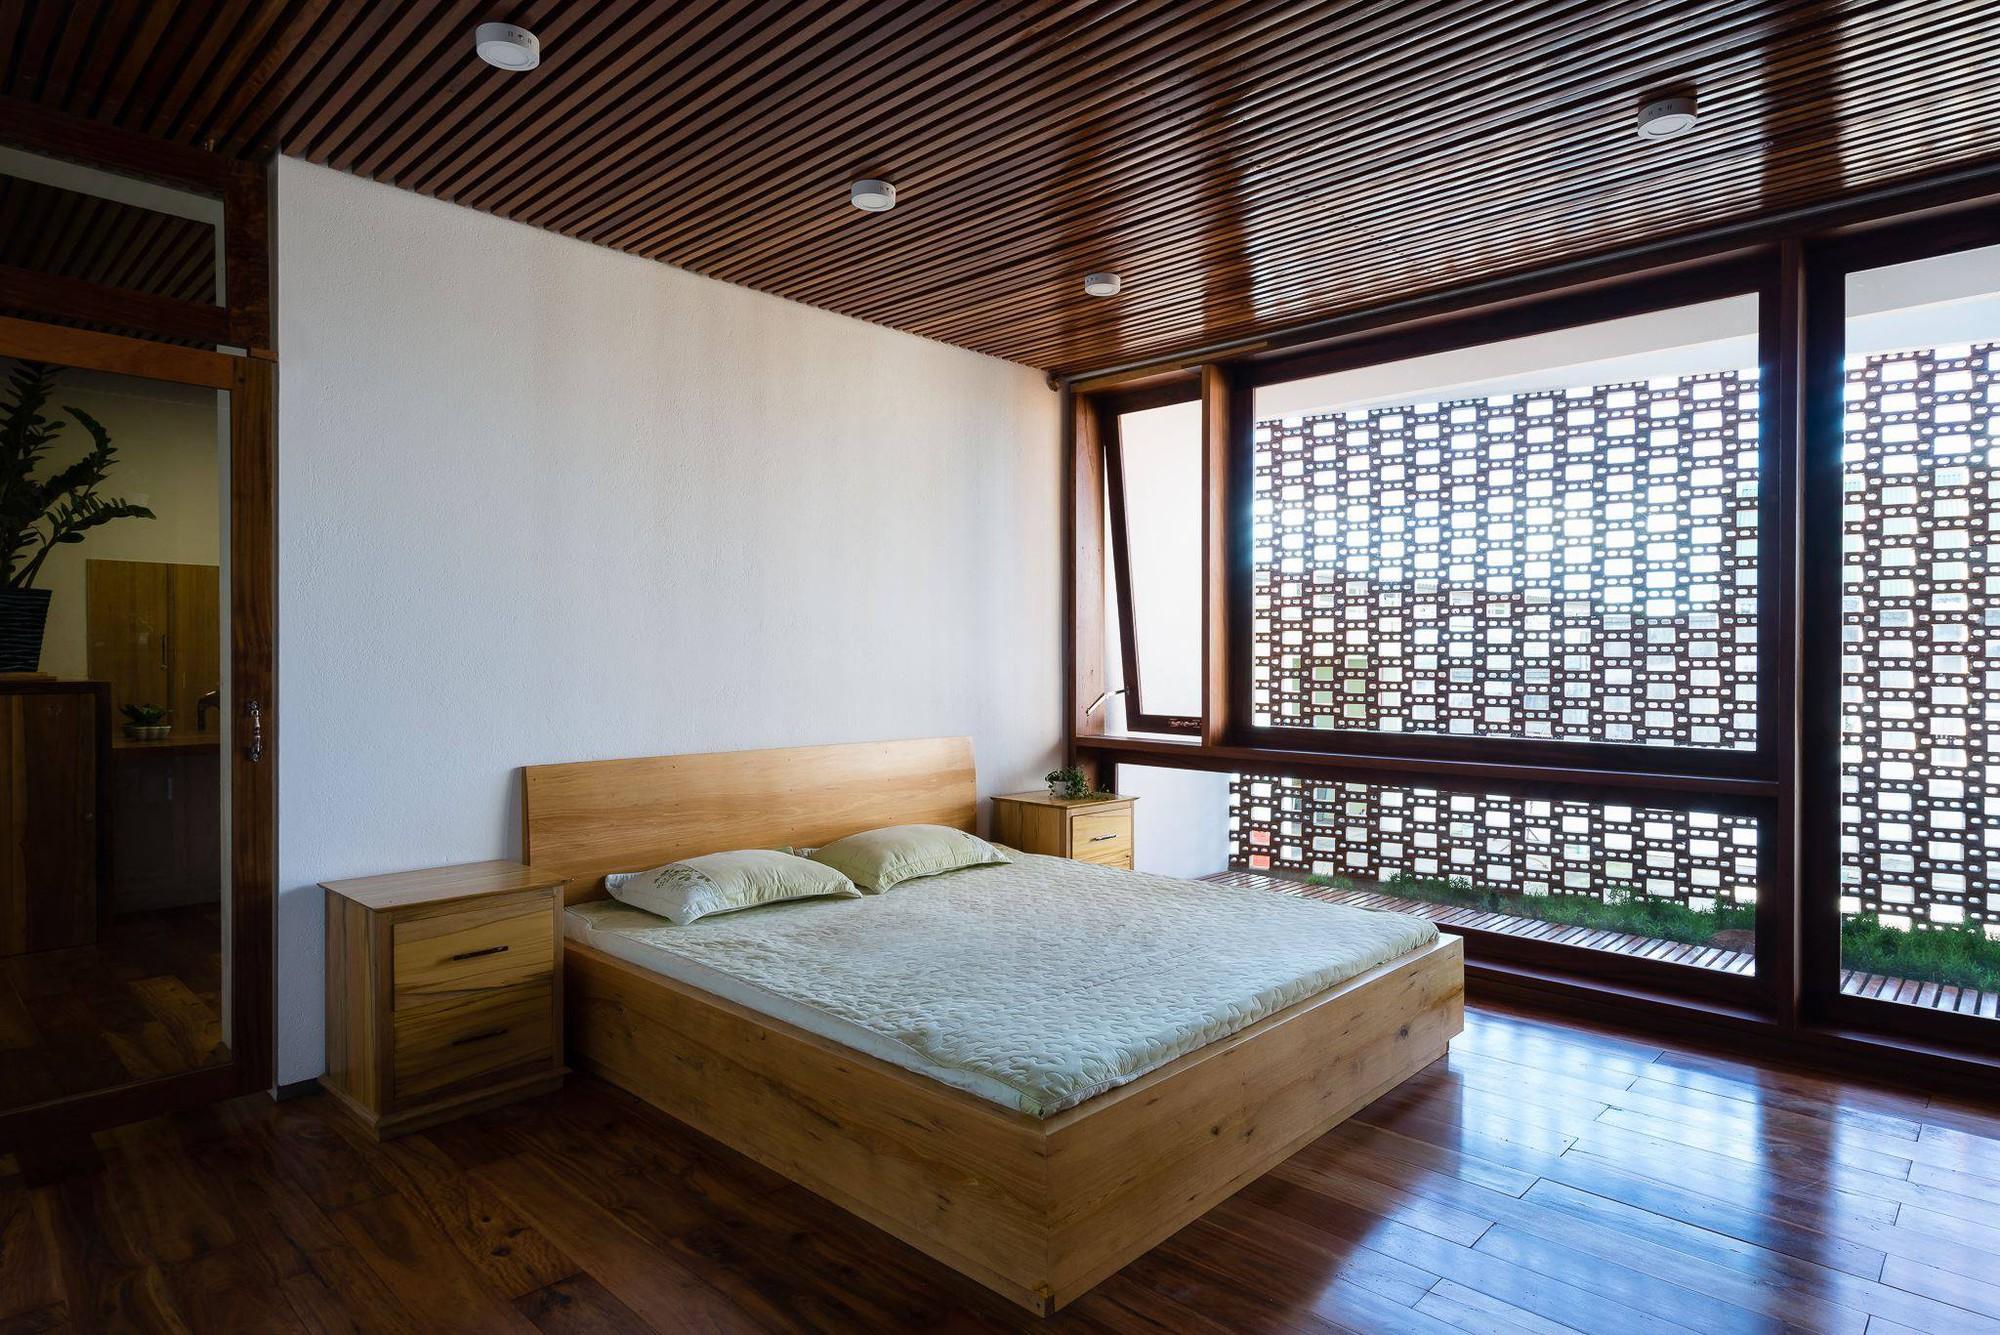 nha-dep-7-1531708744864717440137 Ngôi nhà mái ngói cấp 4 đẹp như resort khiến nhiều người ước mơ ở Lâm Đồng